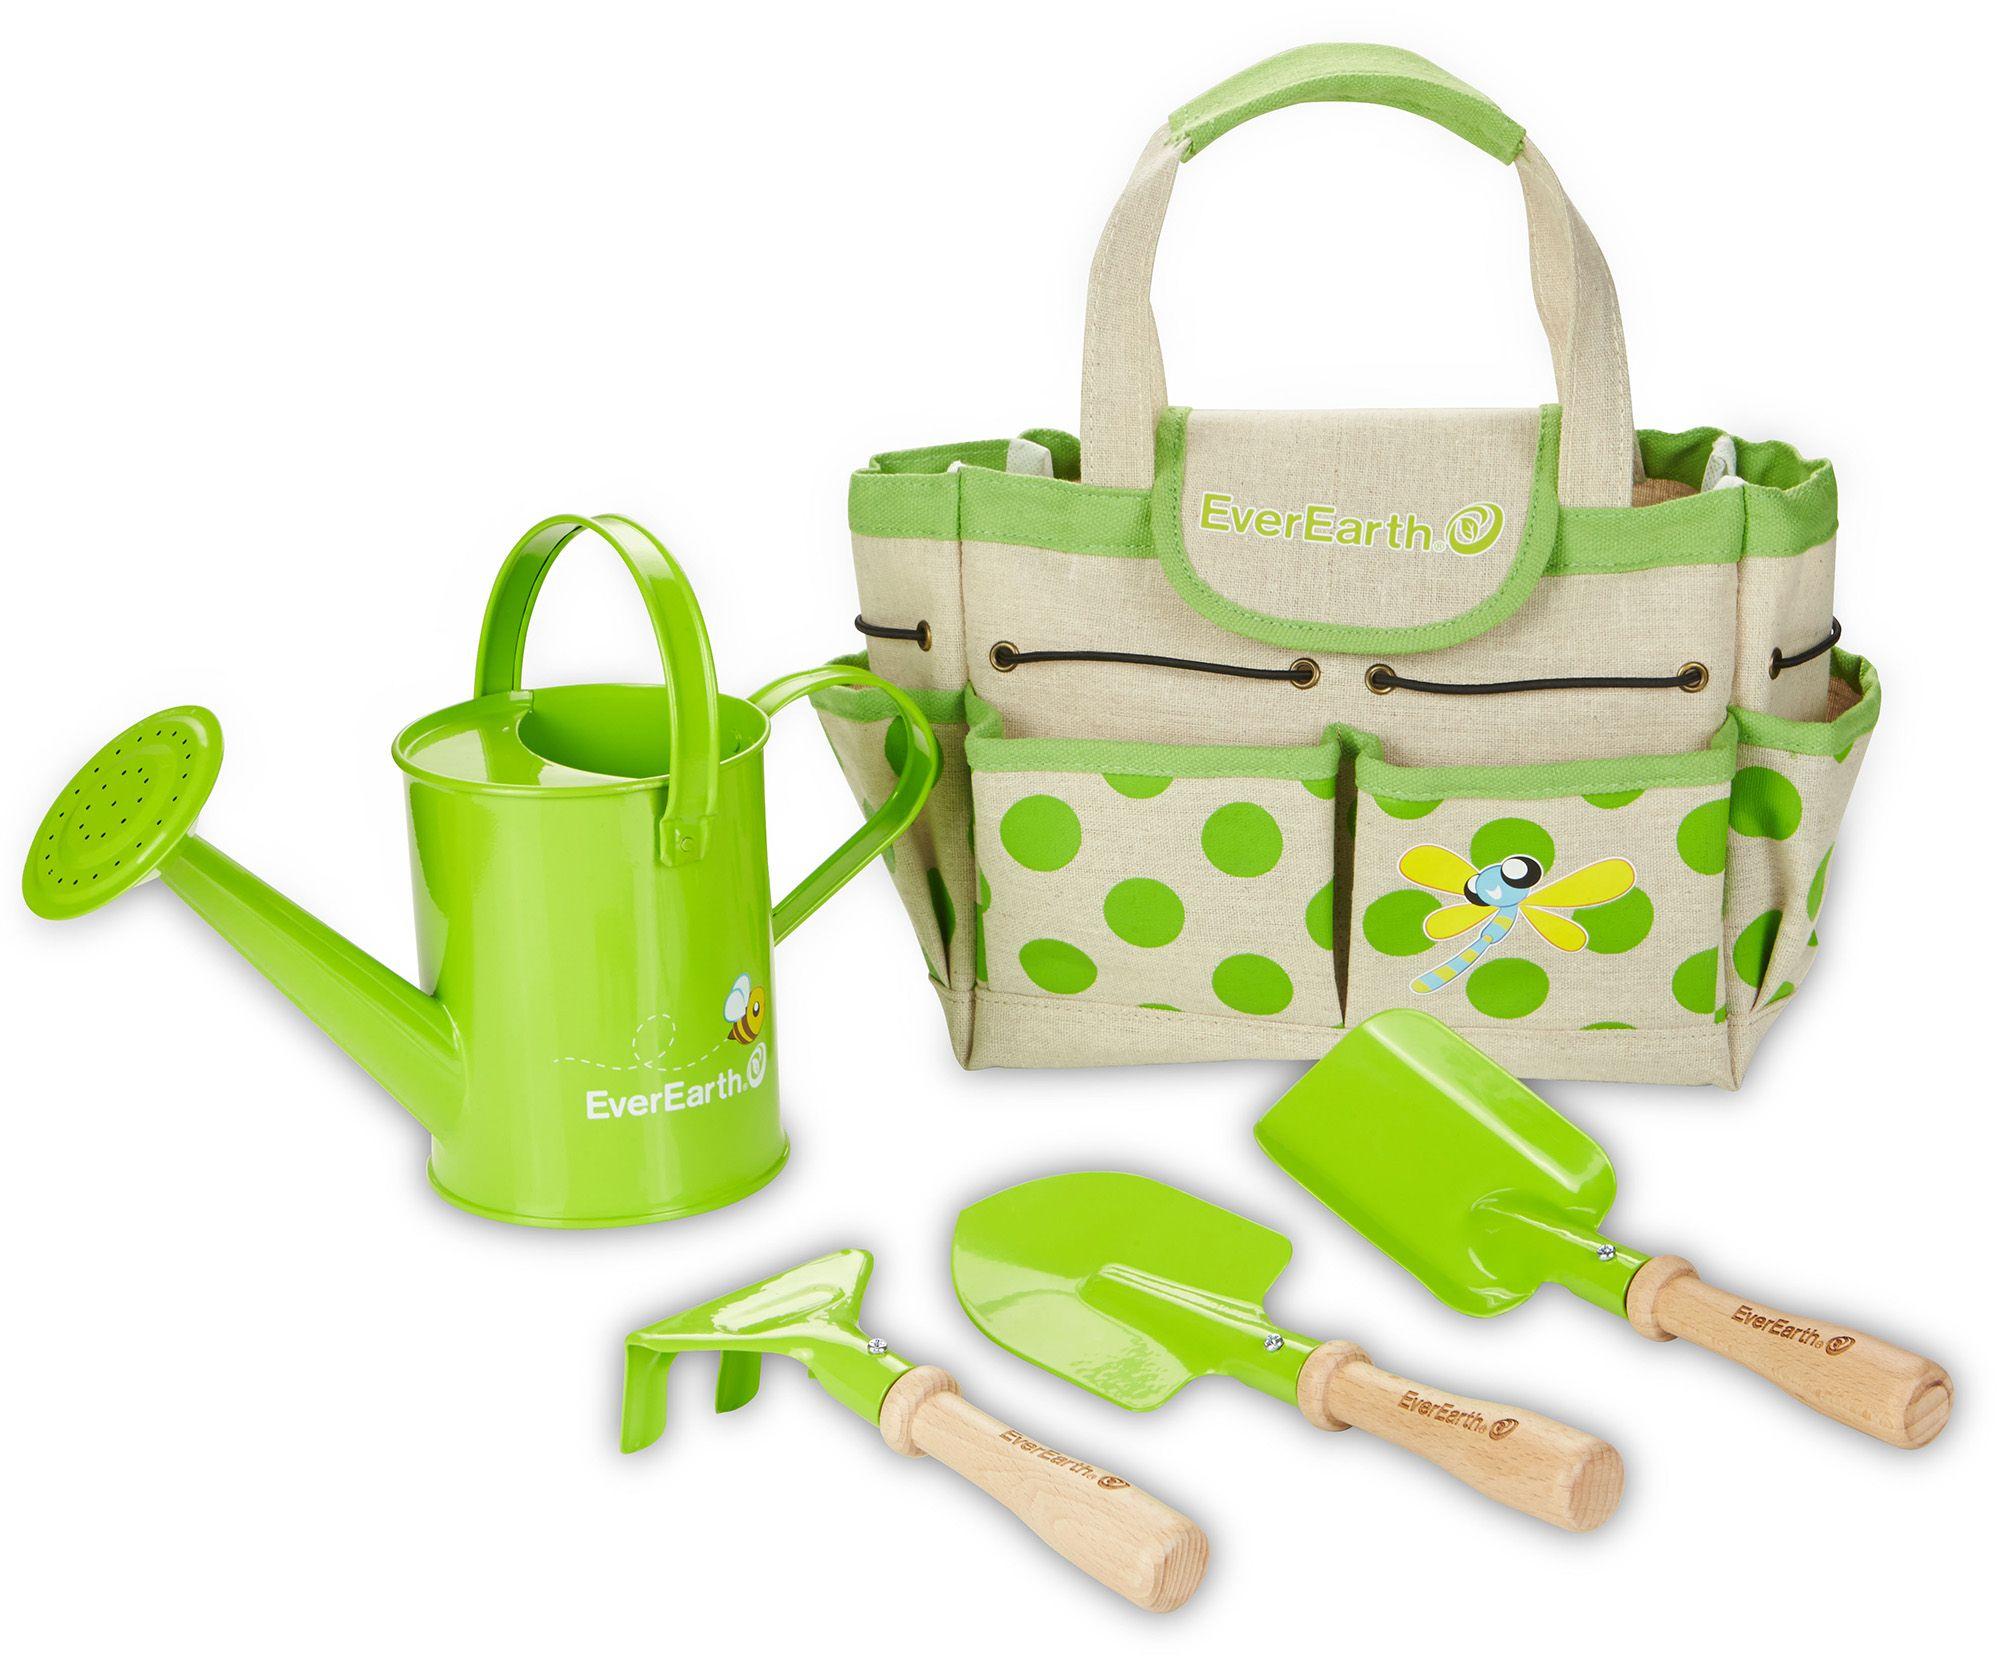 EVEREARTH EverEarth® 5-tlg. Gartenset für Kinder, »Gartenbeutel mit Geräten«